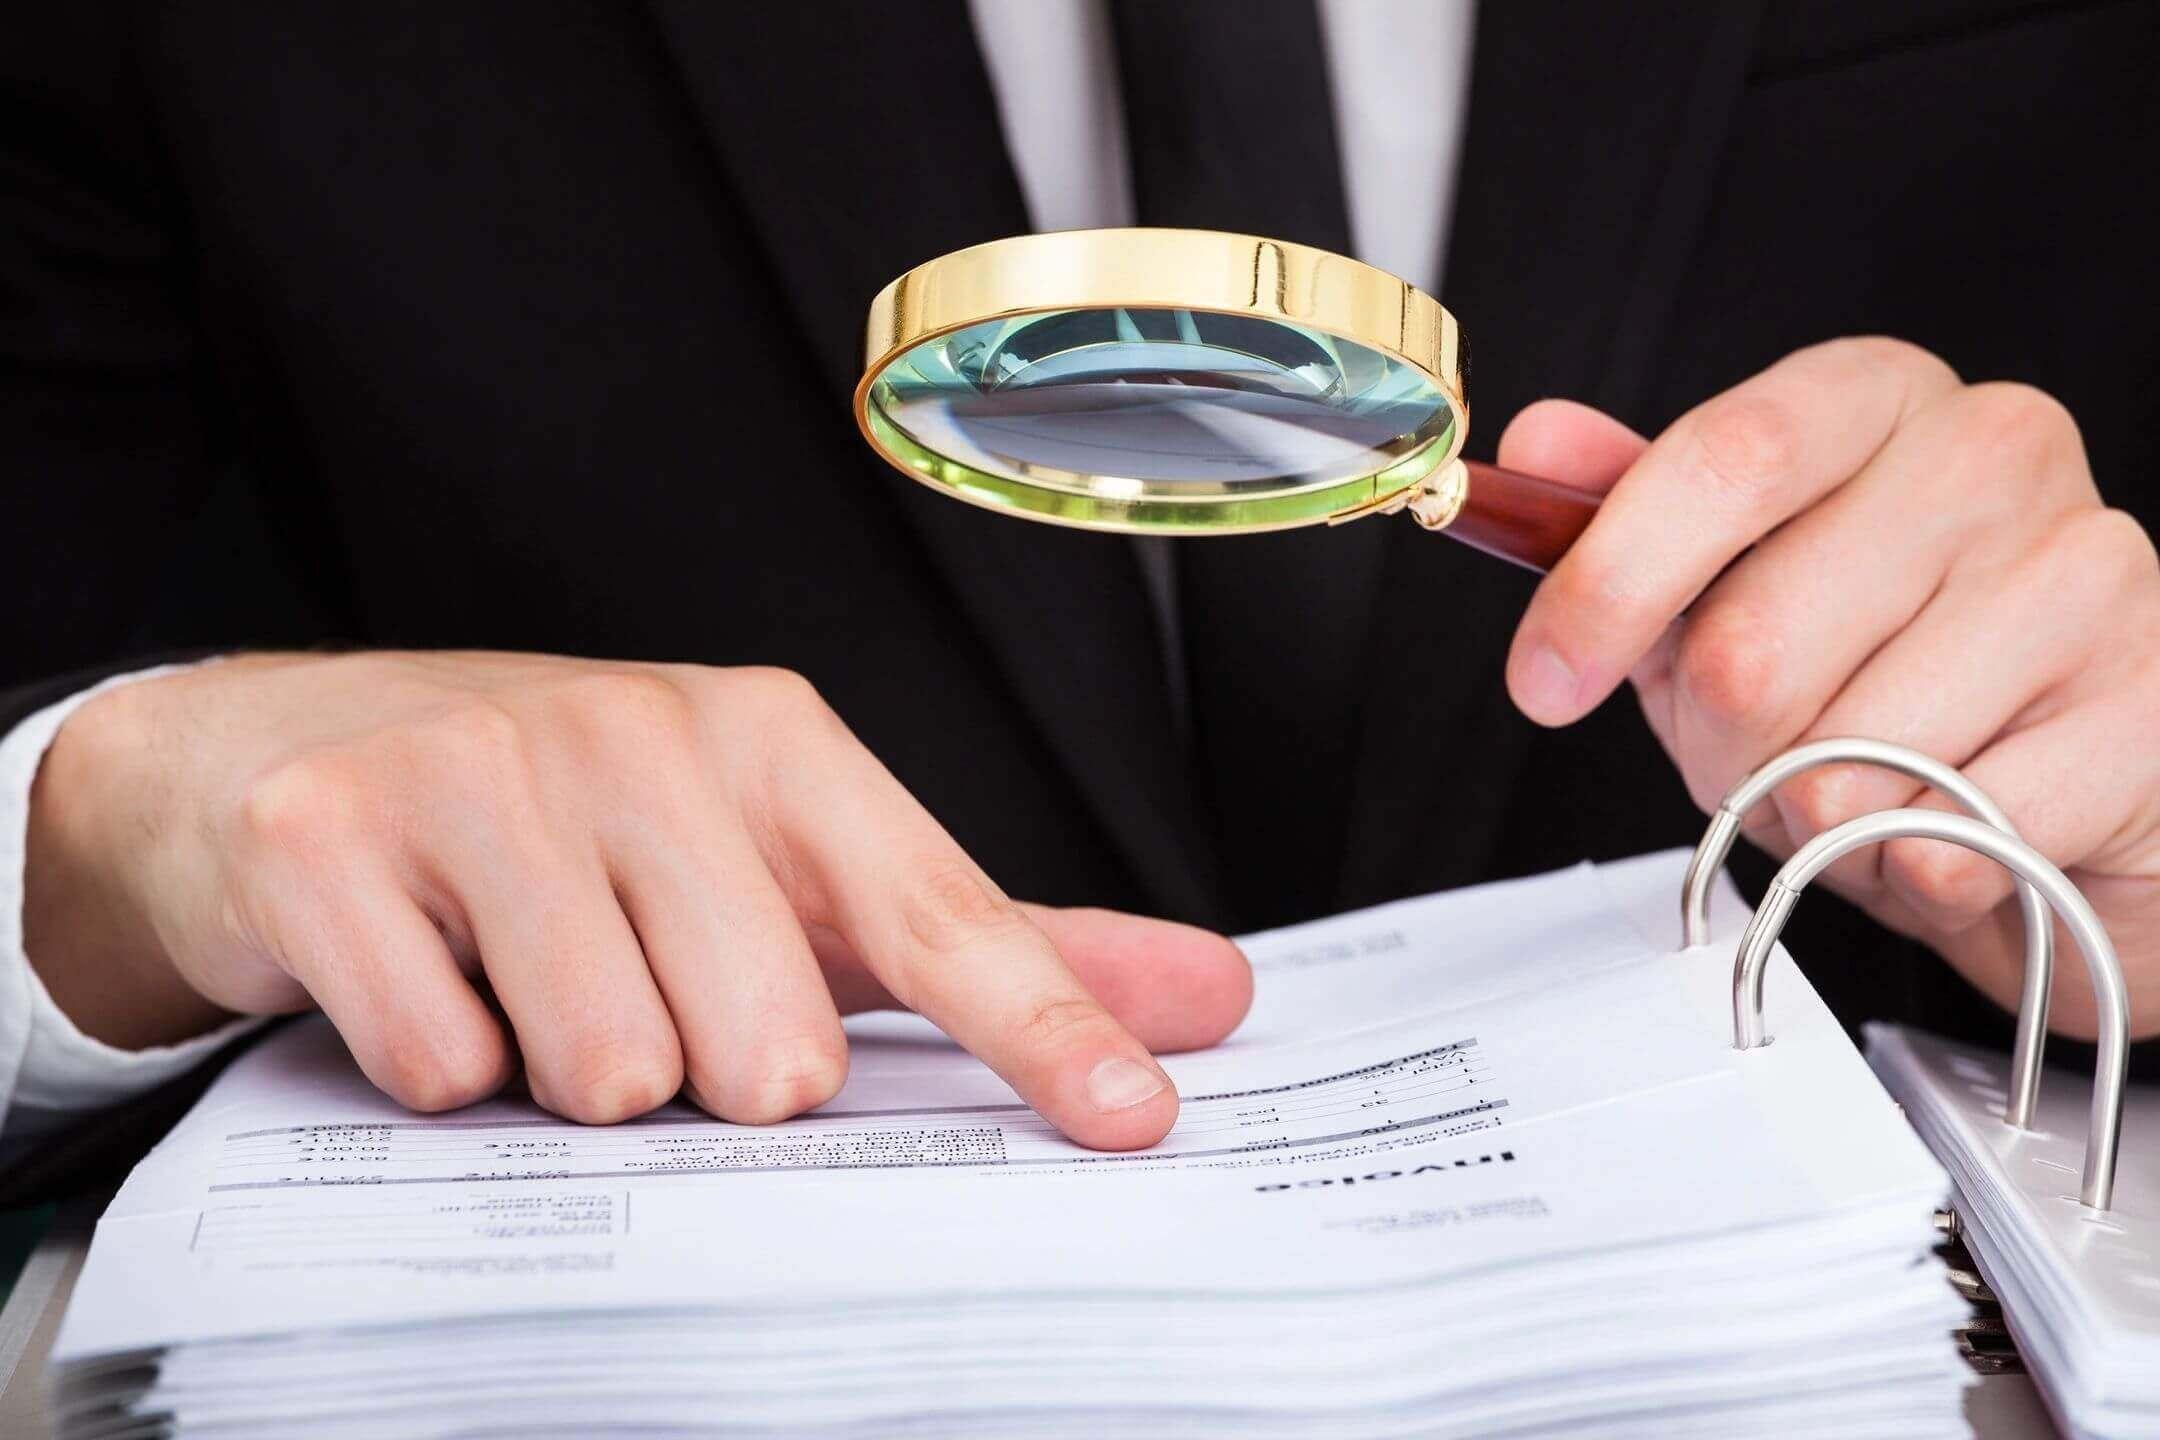 Técnicas de investigação empresarial | Elite Detetives